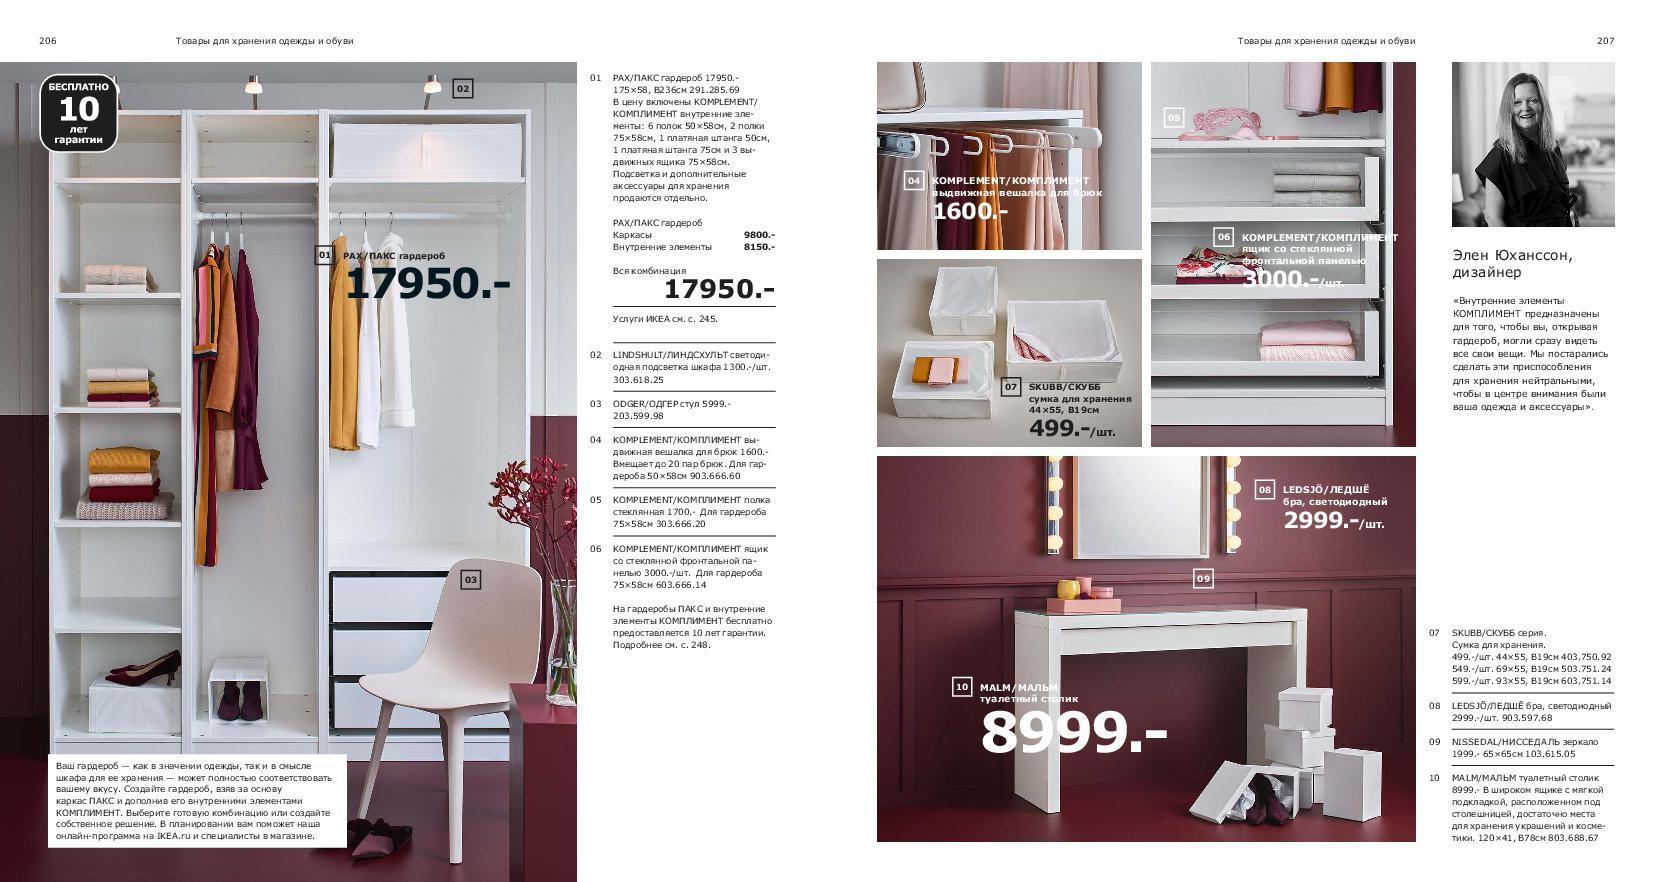 IKEA_catalogue_2019-104